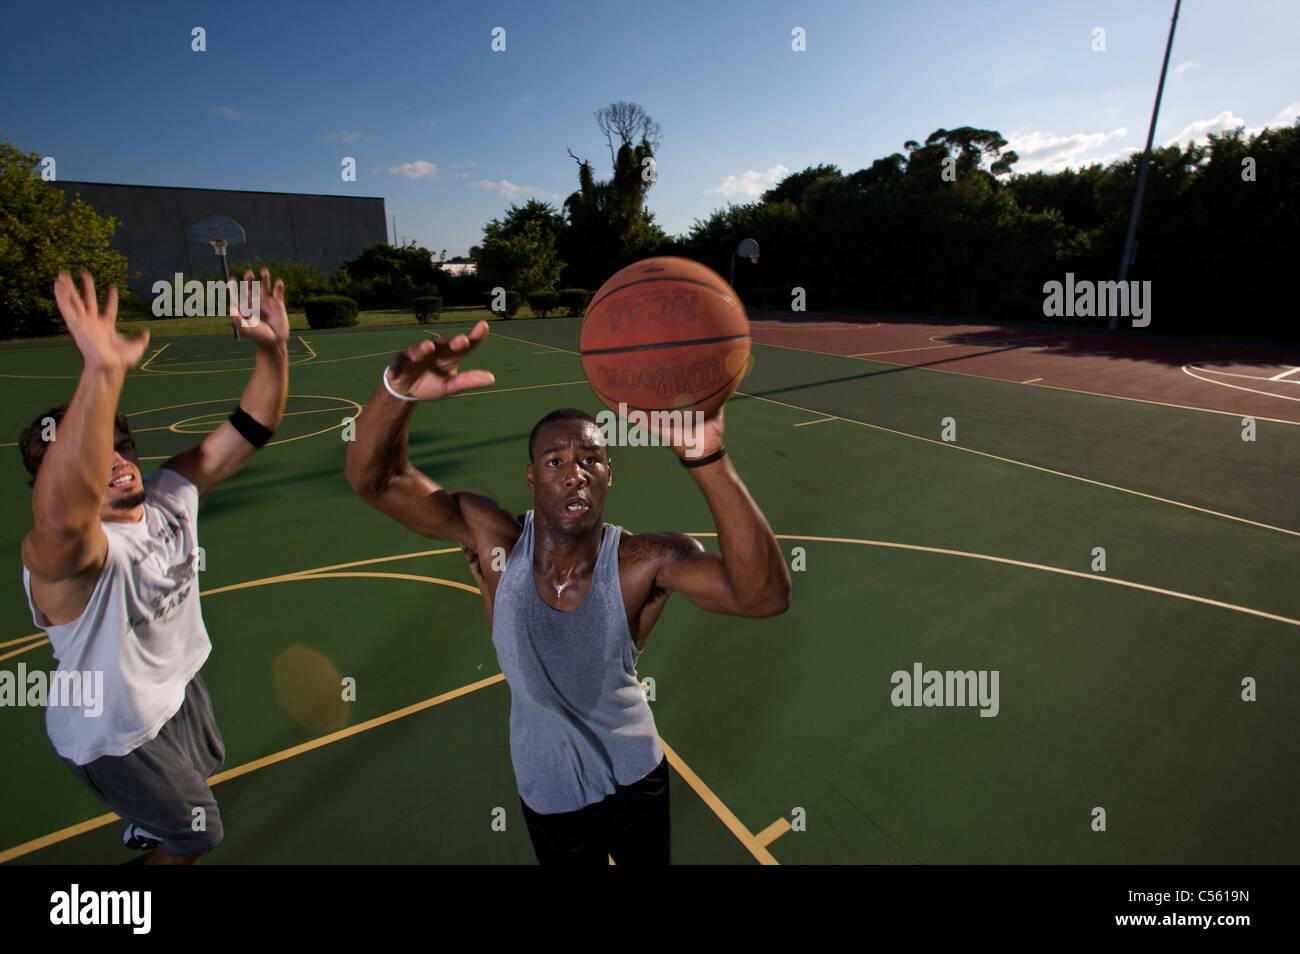 Match de basket-ball extérieur jouant les hommes Photo Stock